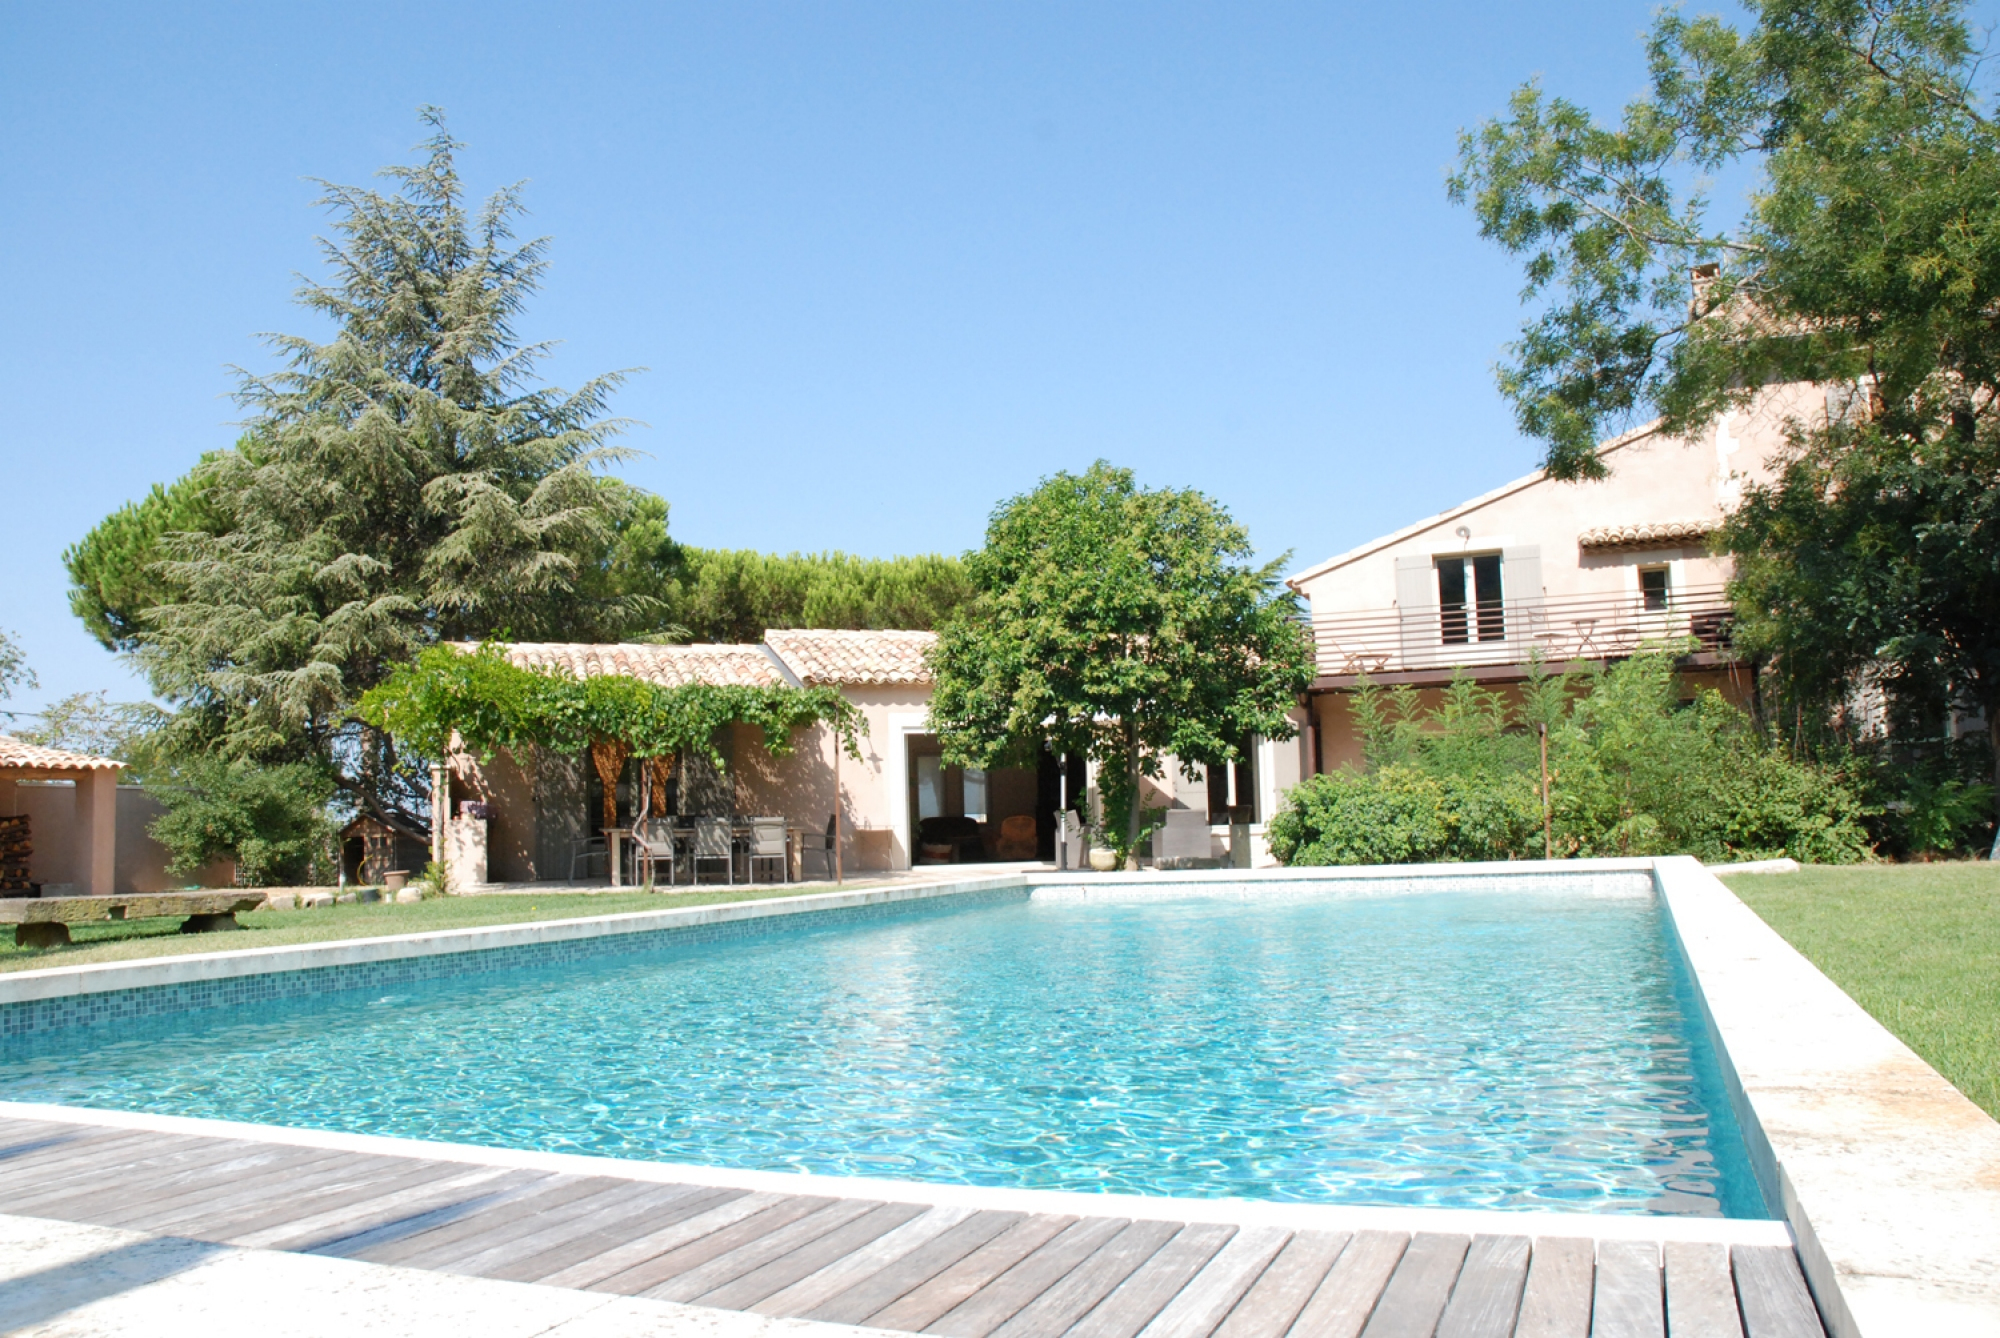 Louer Une Maison Pour Les Vacances Saignon 84400 - Pierres ... avec Maison Avec Jardin A Louer